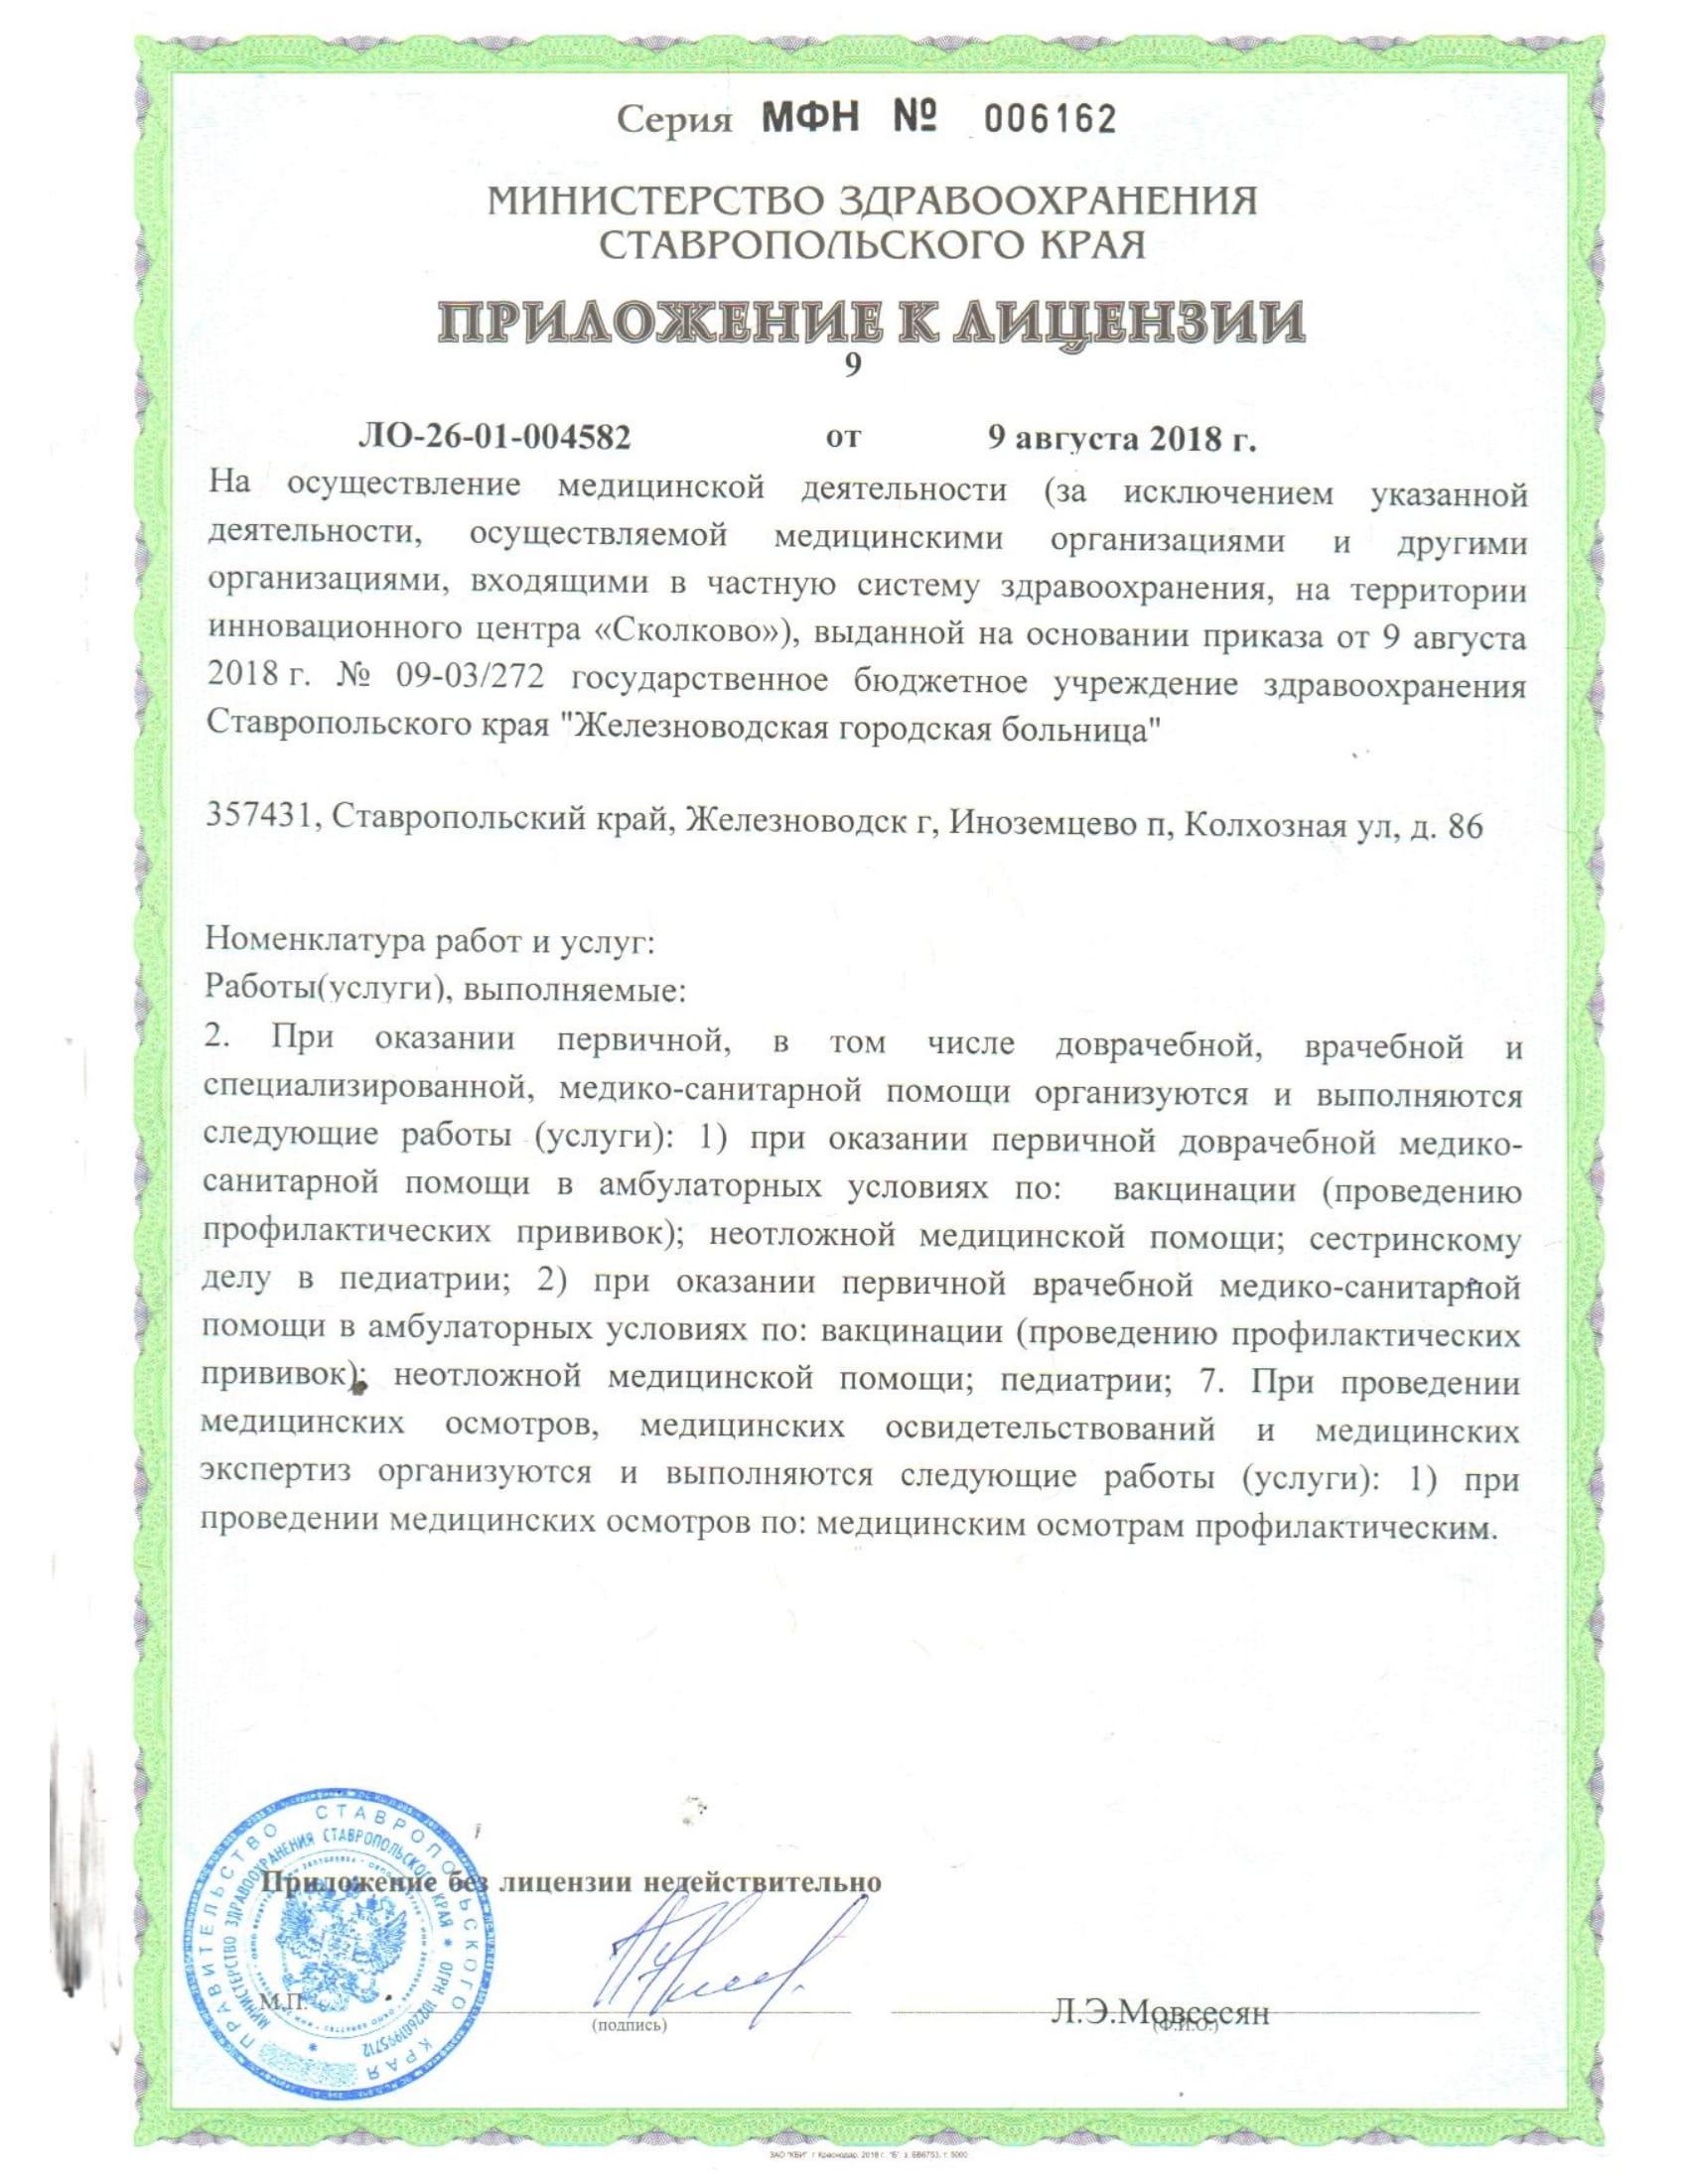 лицензия 2018 от 09.08.2018-12